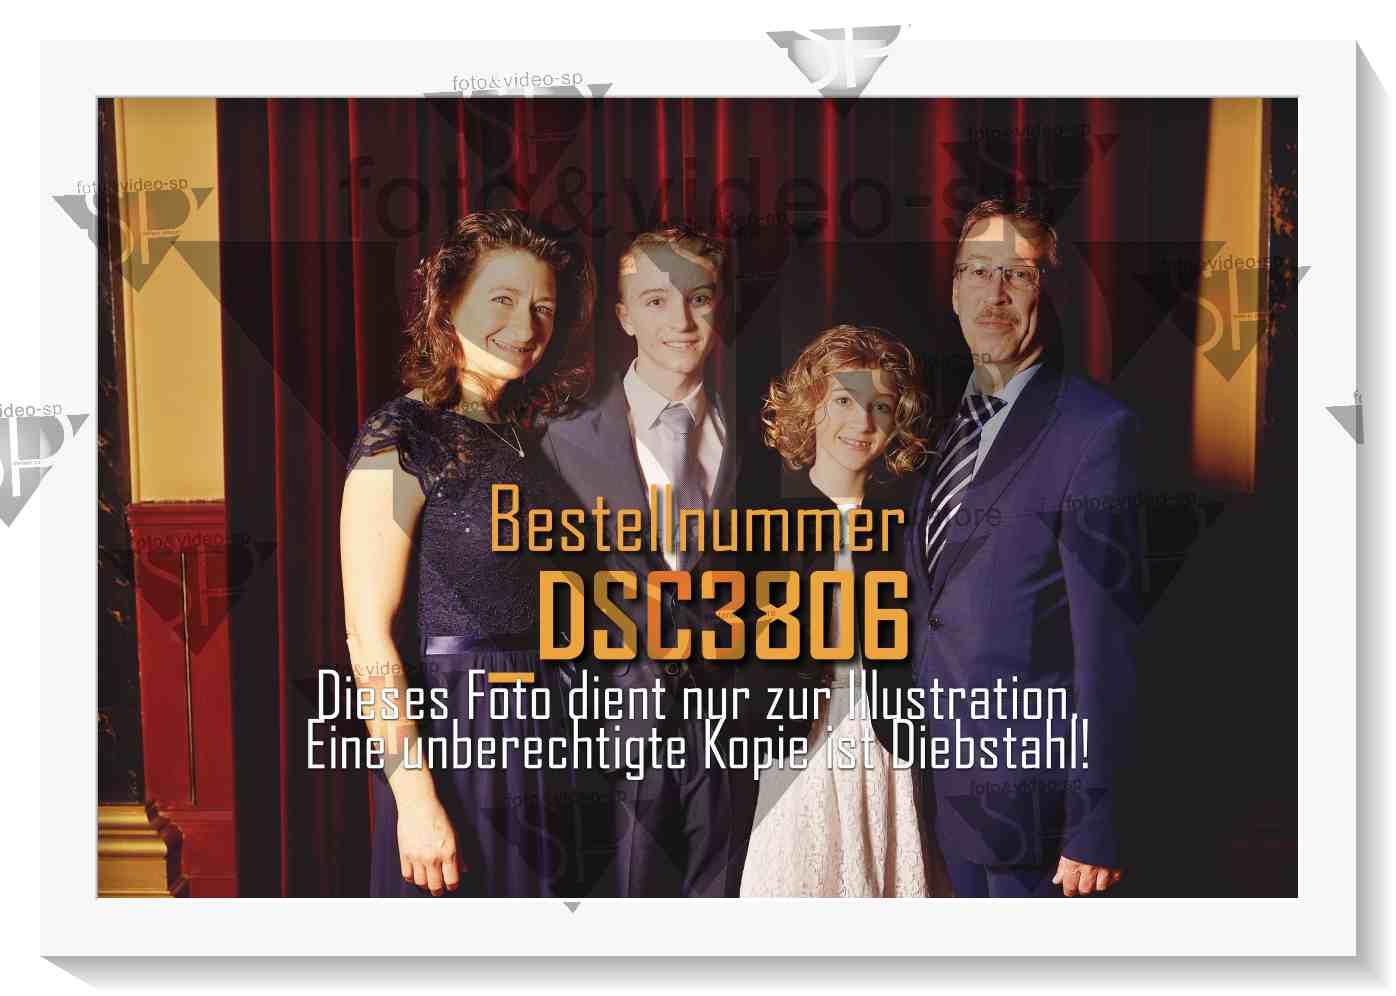 DSC3806